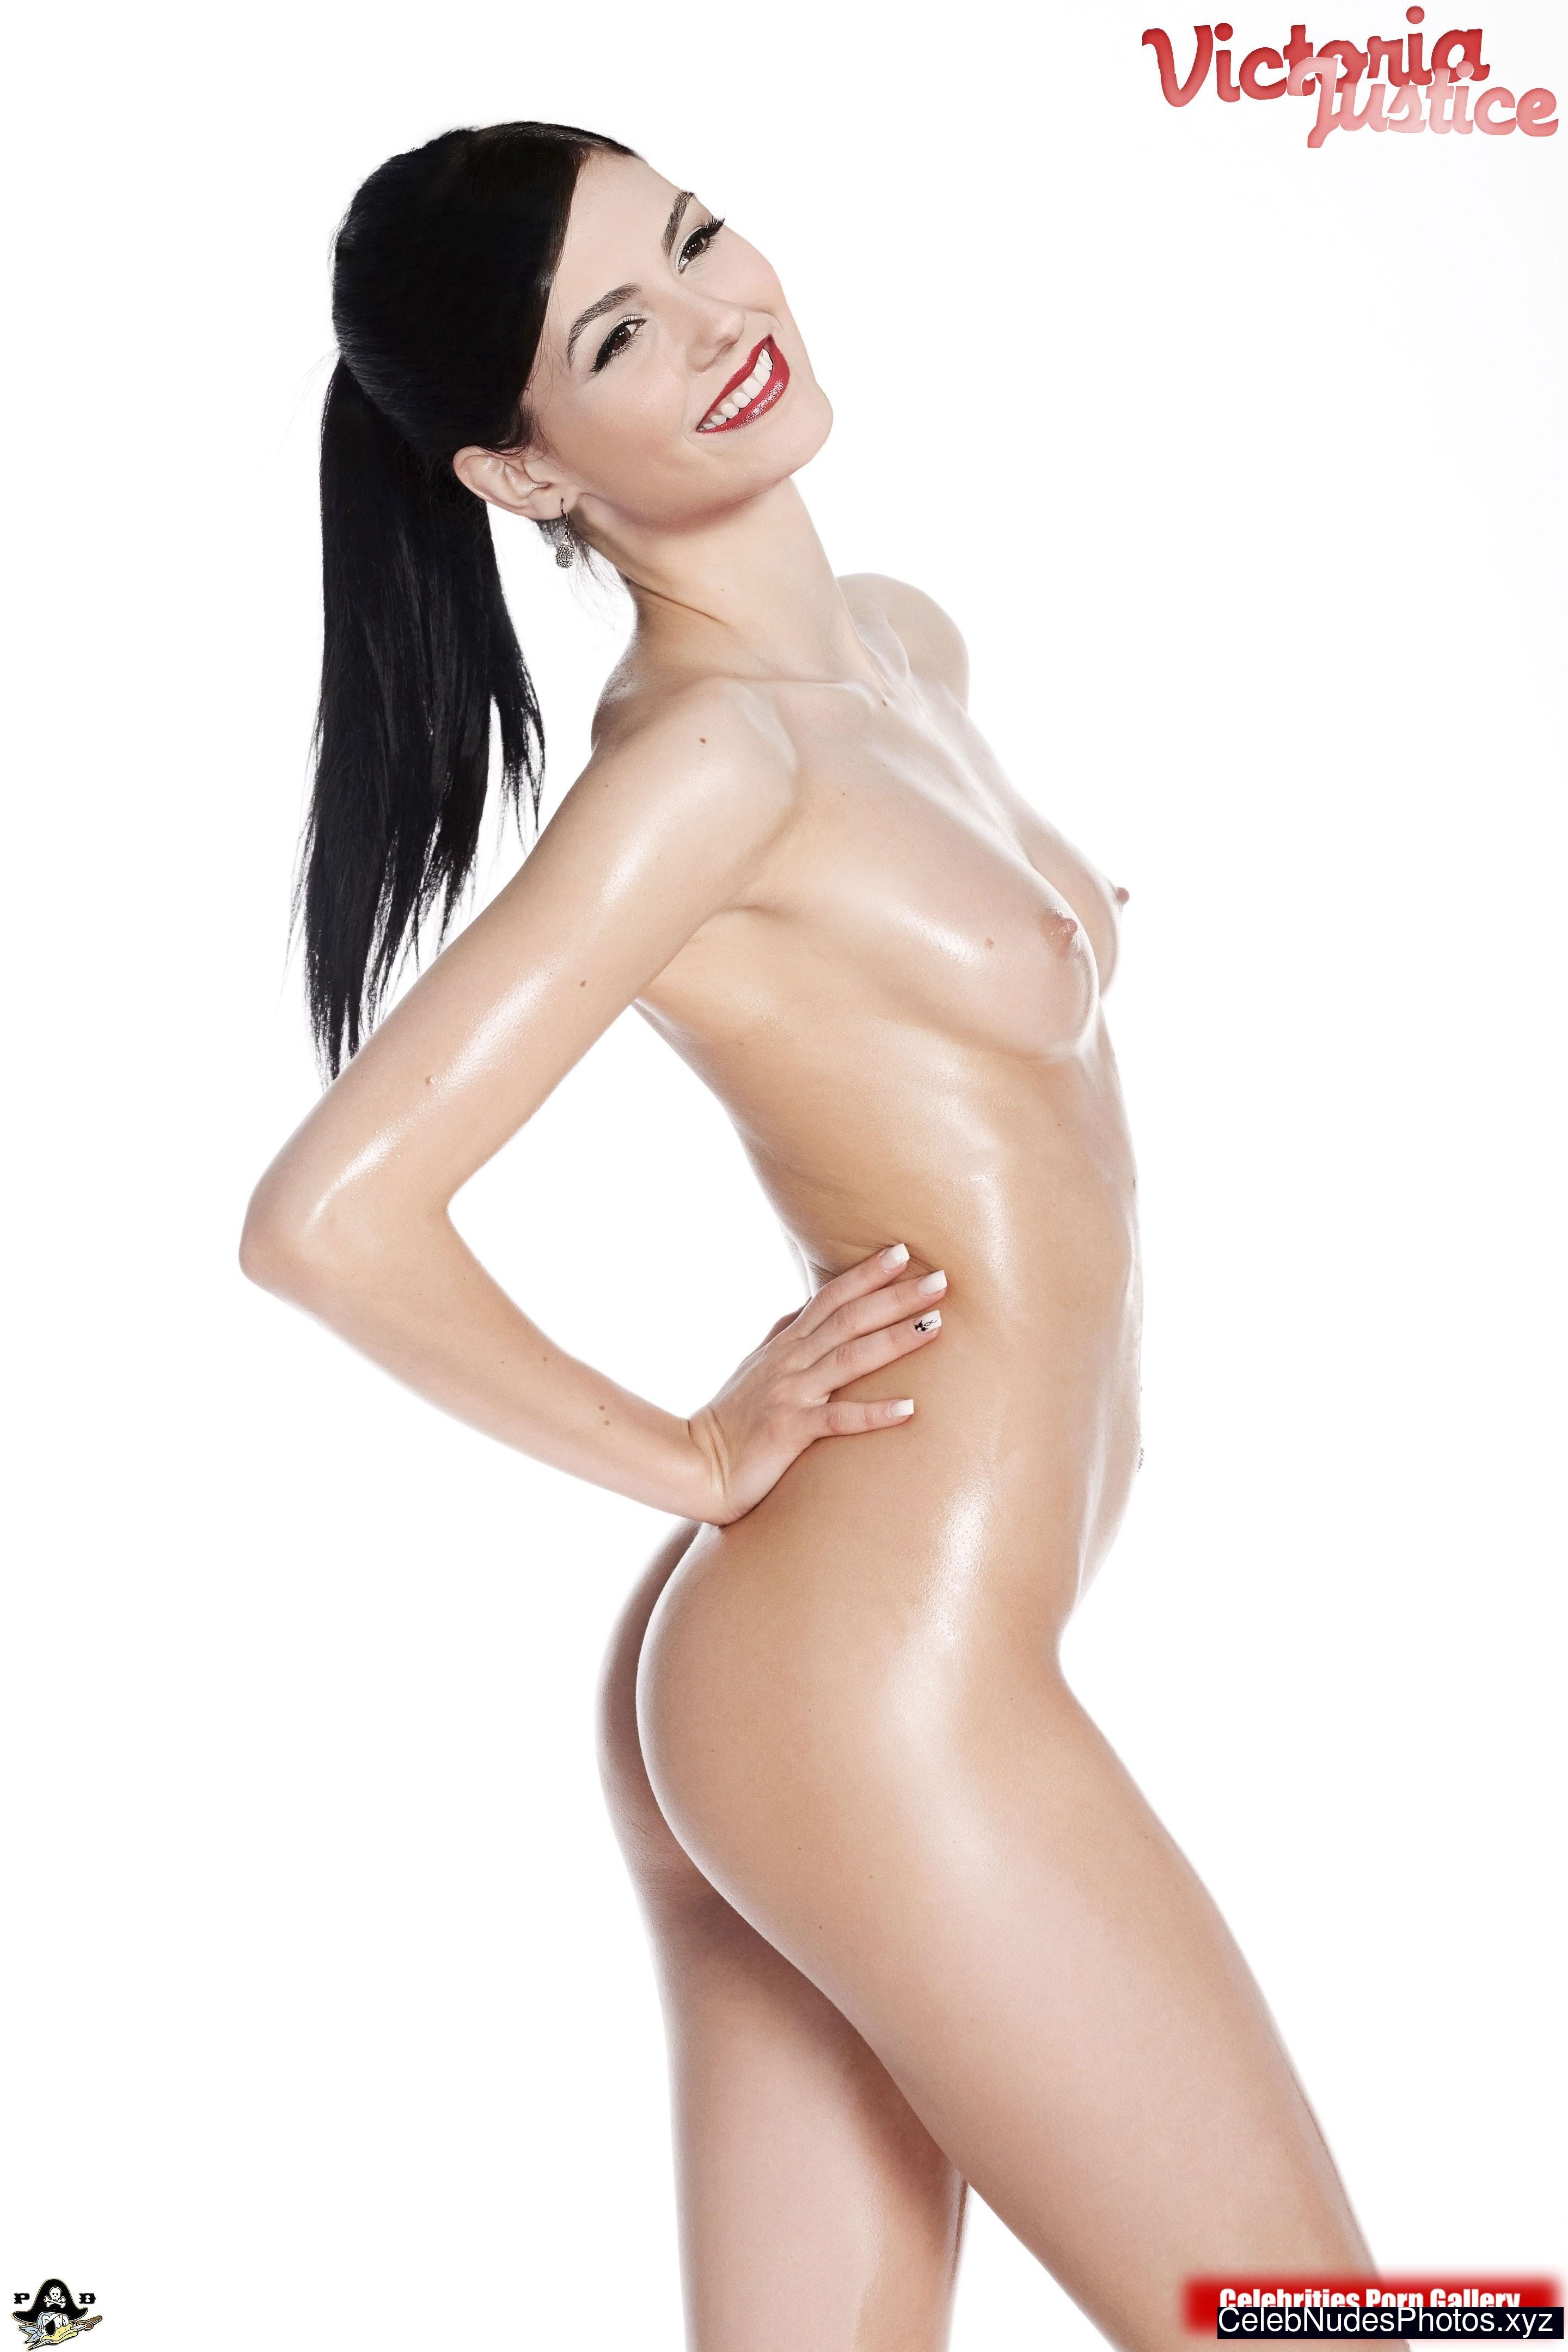 Victoria Justice Celeb Nude sexy 2